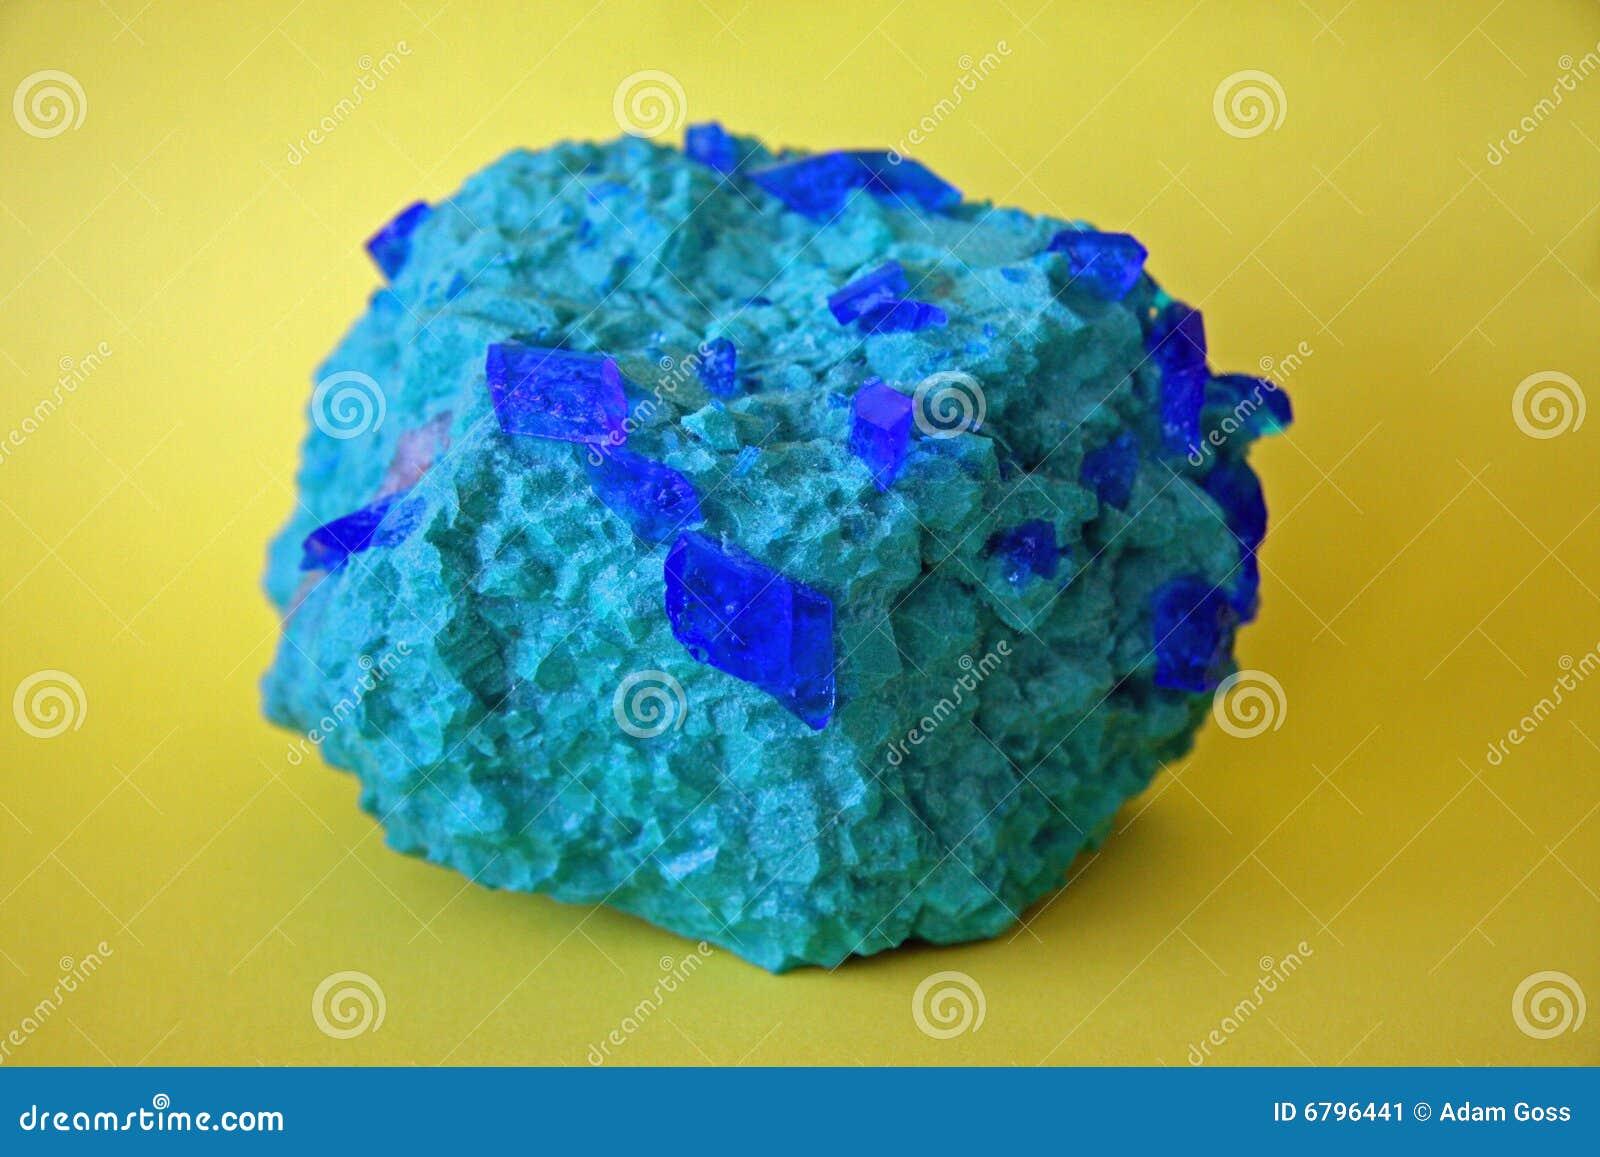 Minerallasurstein